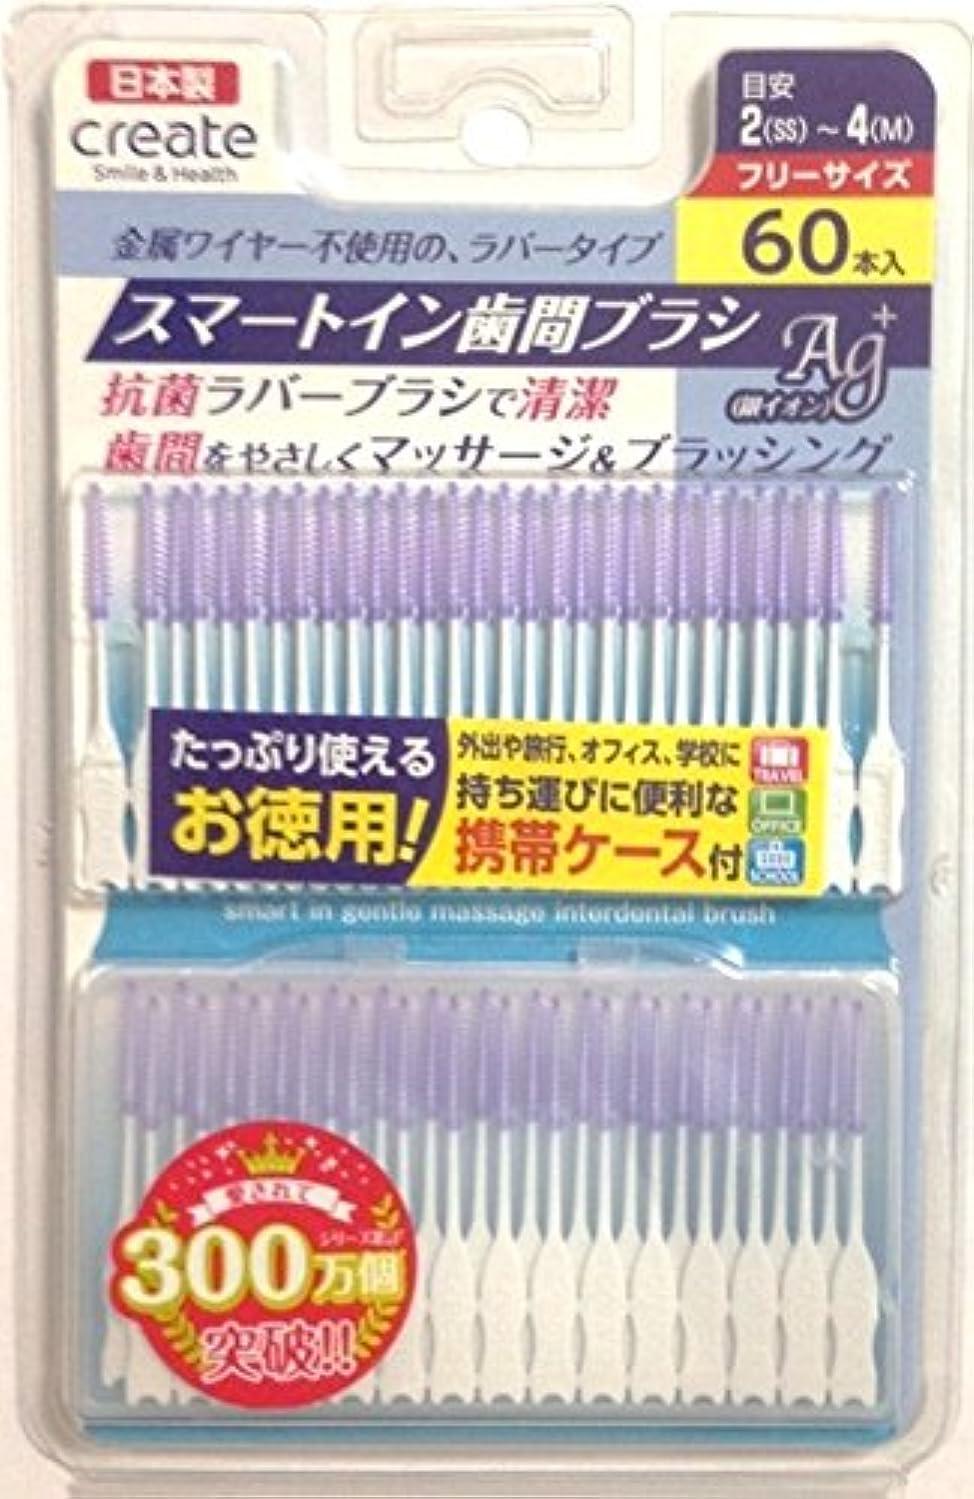 異常な論文爪クリエイト スマートイン歯間ブラシ 2(SS)-4(M) 金属ワイヤー不使用?ラバータイプ お徳用 60本